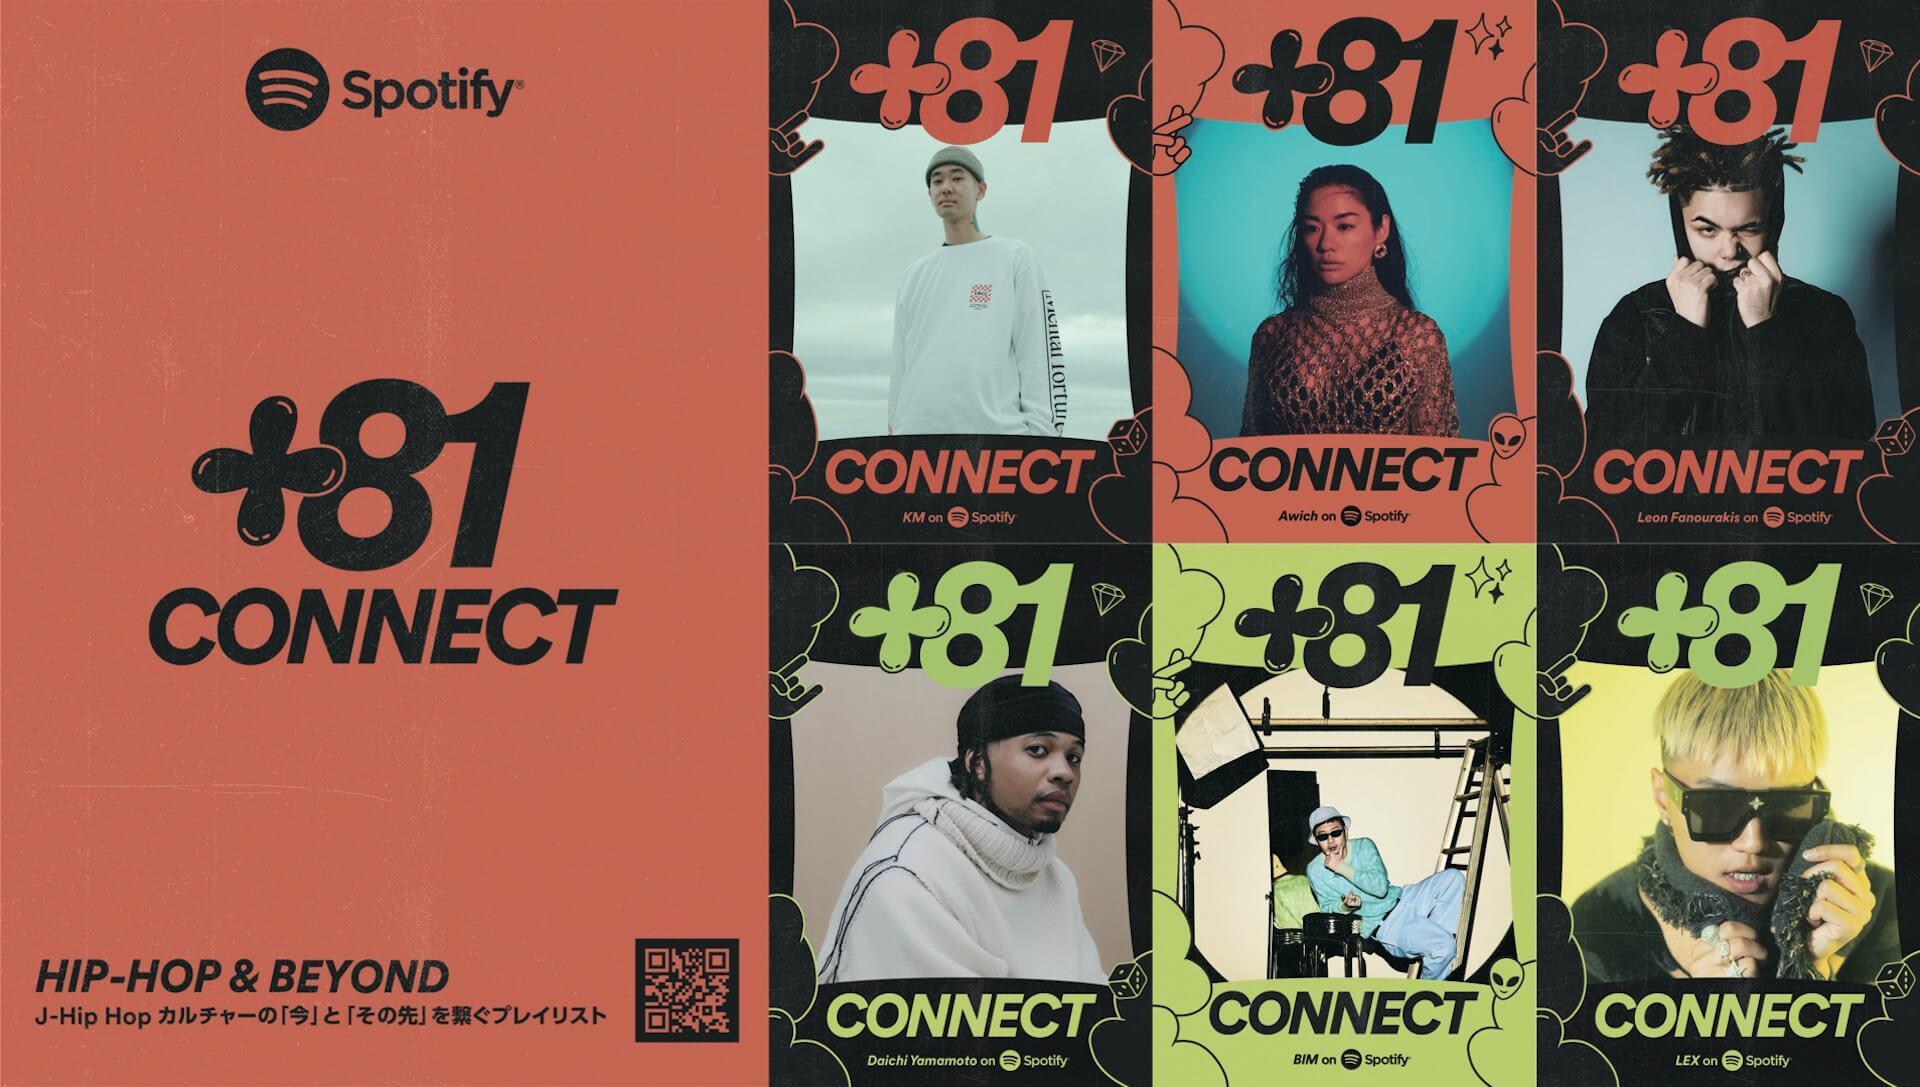 Spotifyがヒップホップカルチャーを発信するプレイリスト『+81 Connect』を公開!Awich、BIM、Daichi Yamamotoらがアンバサダーに起用 210915_81connect_01